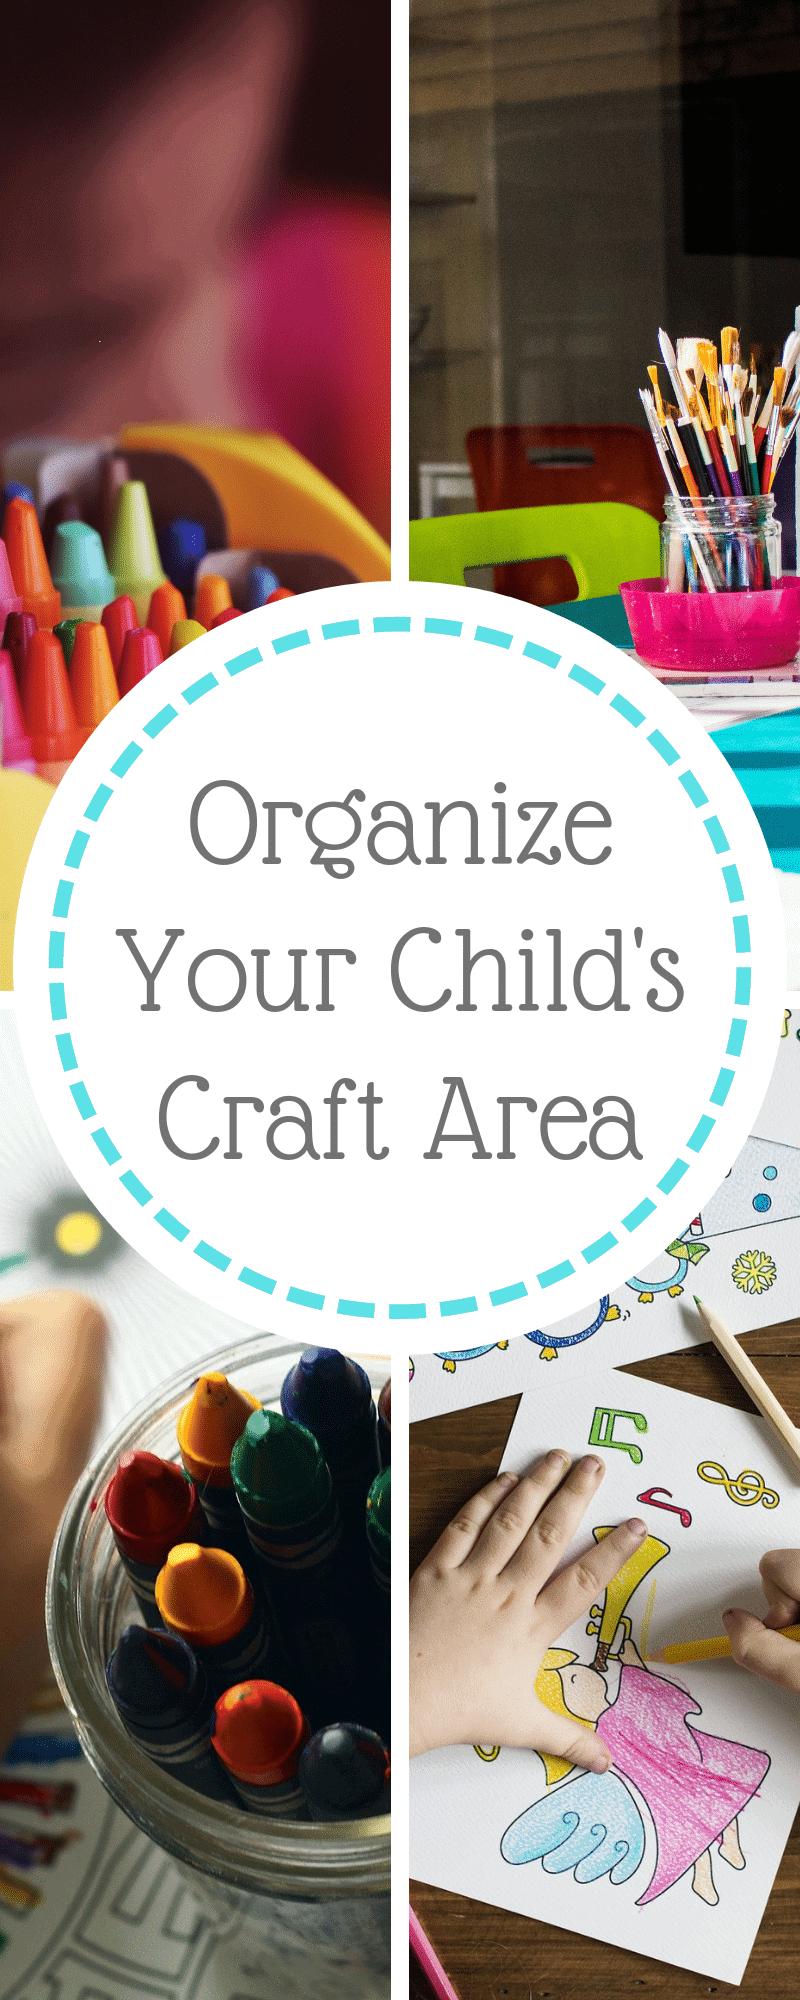 organize the craft area